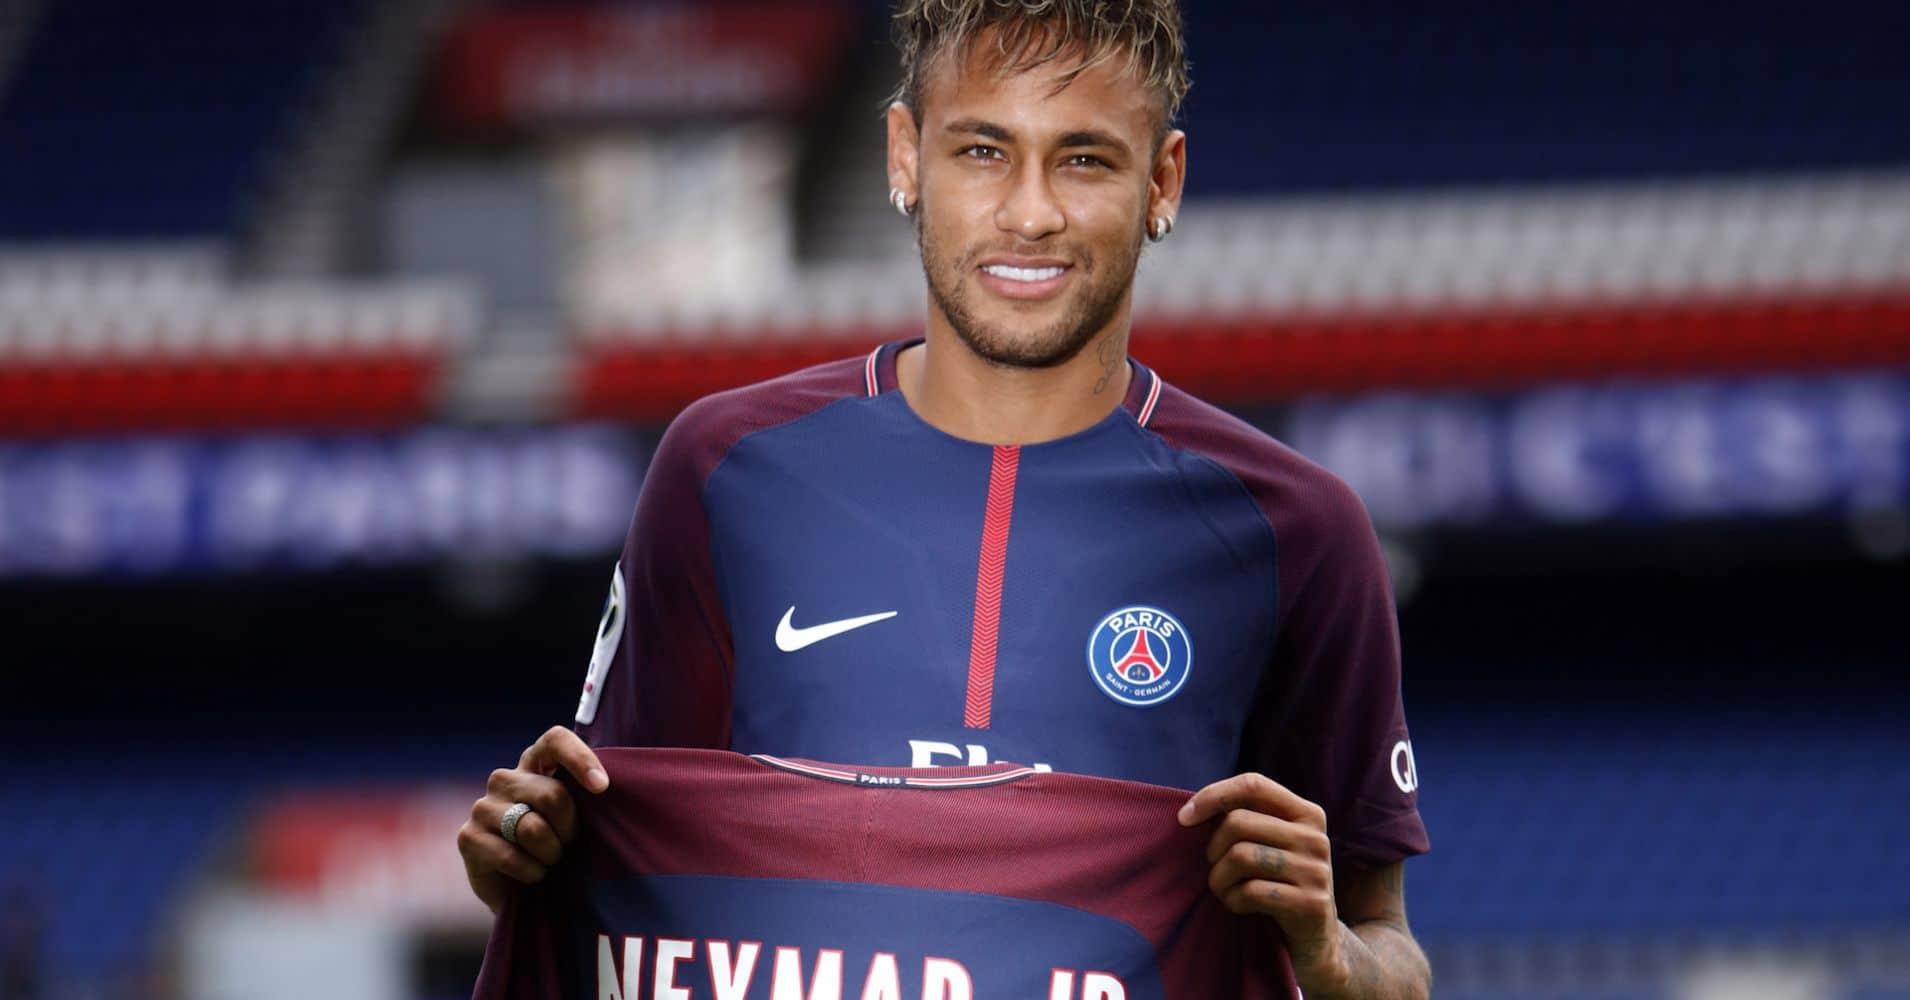 federação francesa suspende neymar por três jogos por agredir um adepto - 104654918 makeit 08162017 neymar mezz - Federação Francesa suspende Neymar por três jogos por agredir um adepto